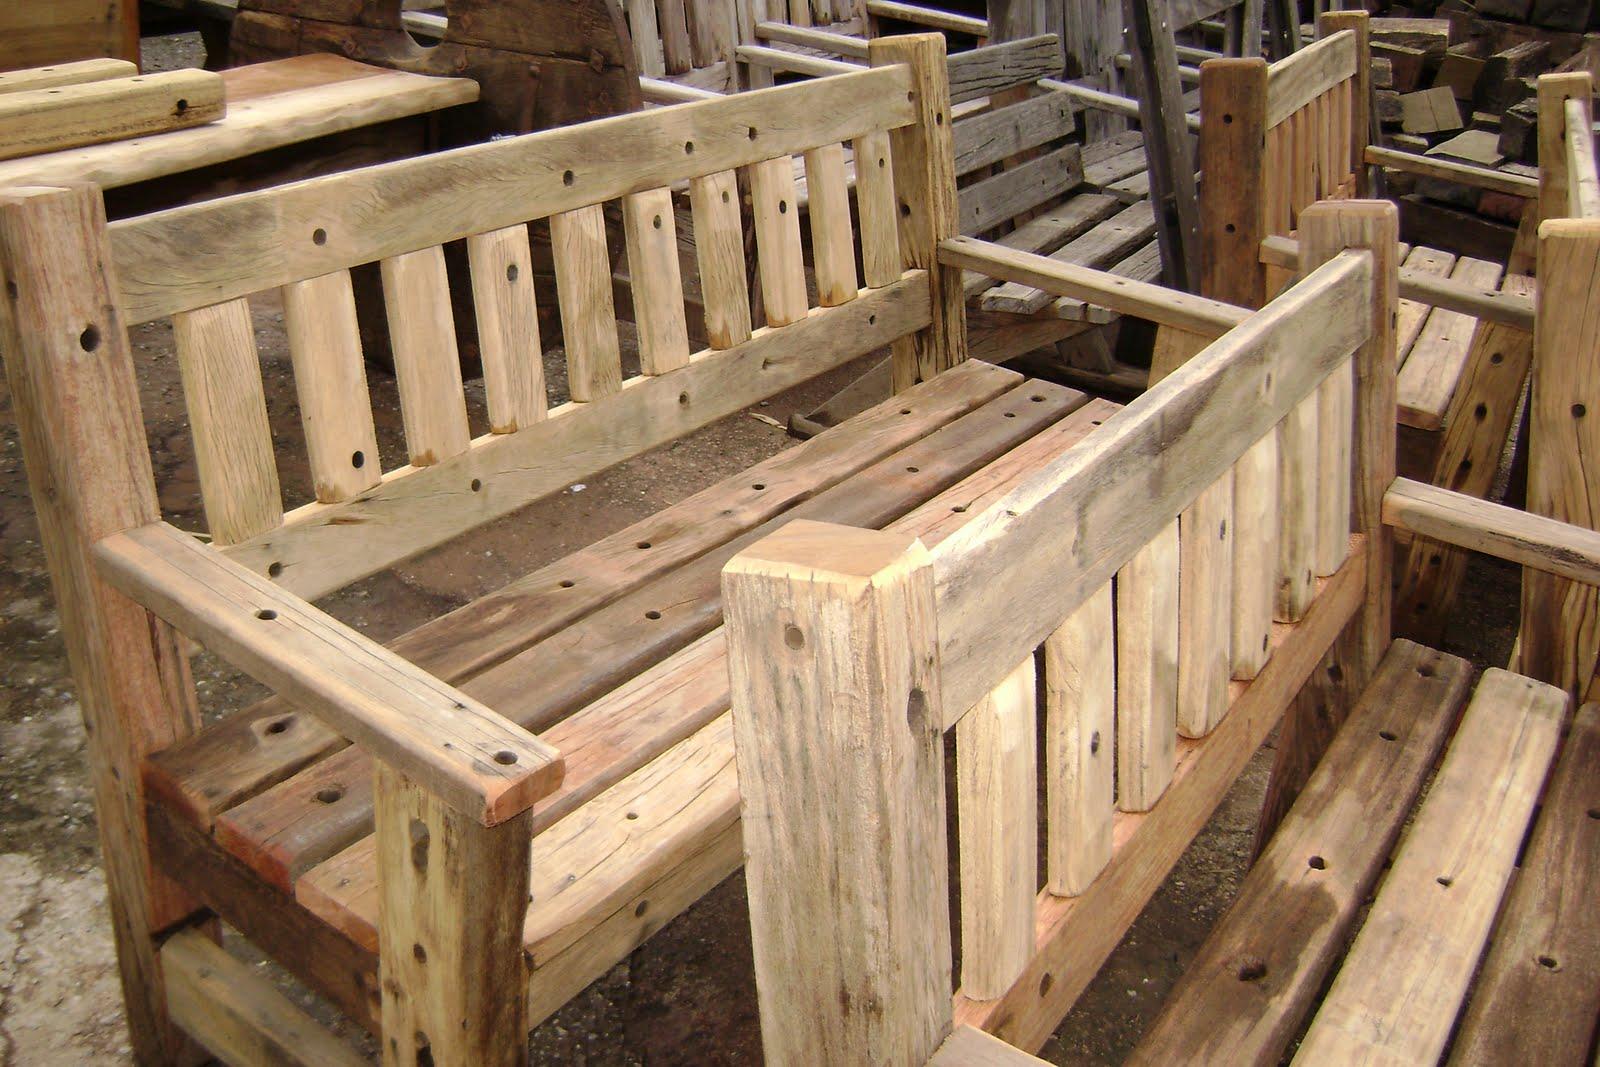 banco de jardim de madeira:sábado 10 de setembro de 2011 #A27129 1600x1067